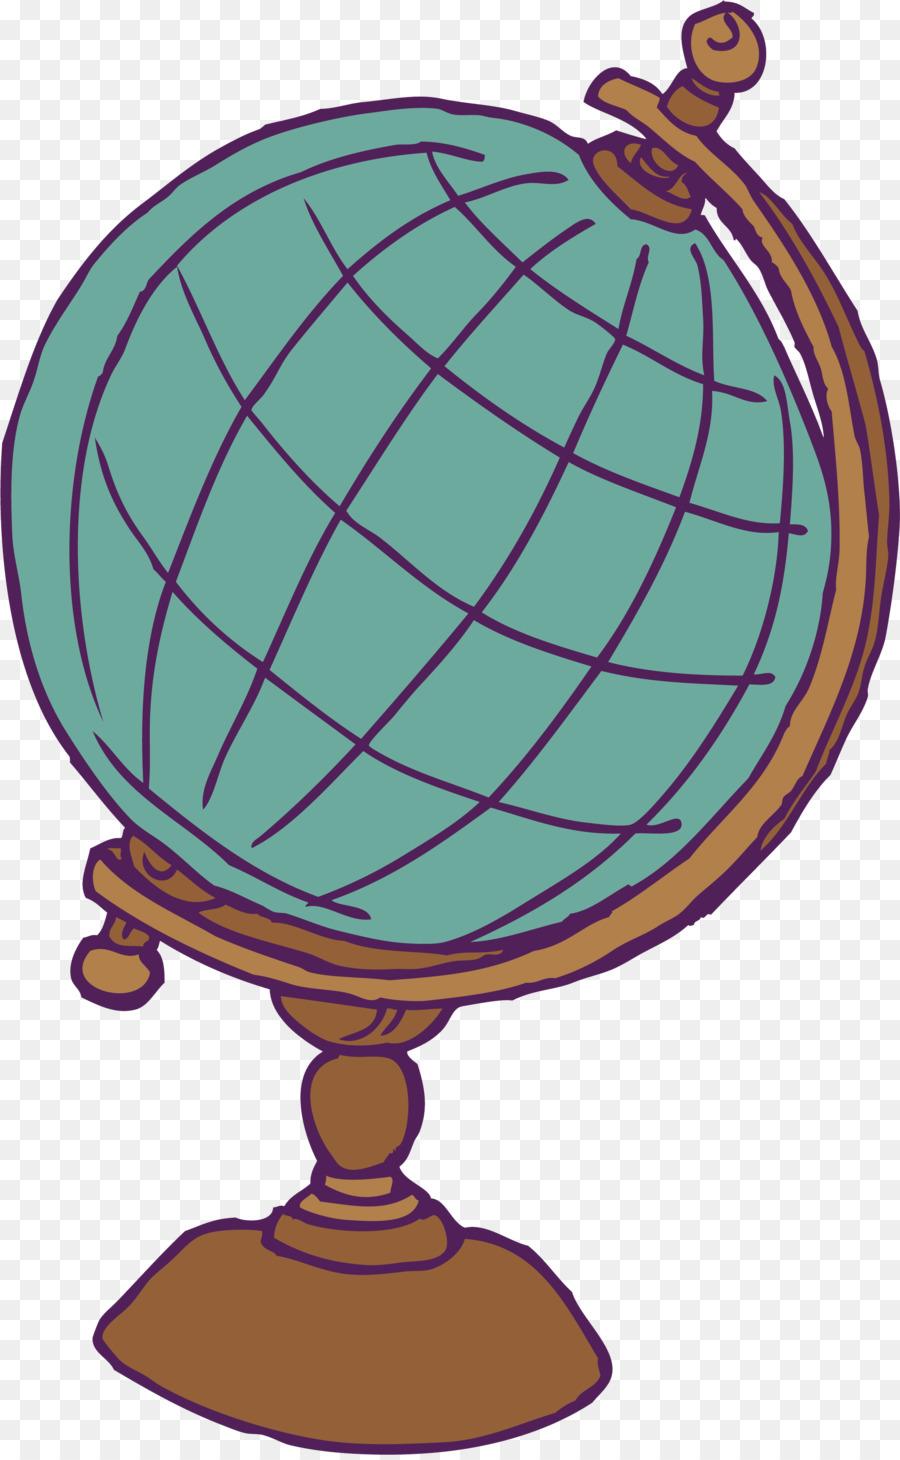 читают картинки как рисовать глобус противном случае рискуете